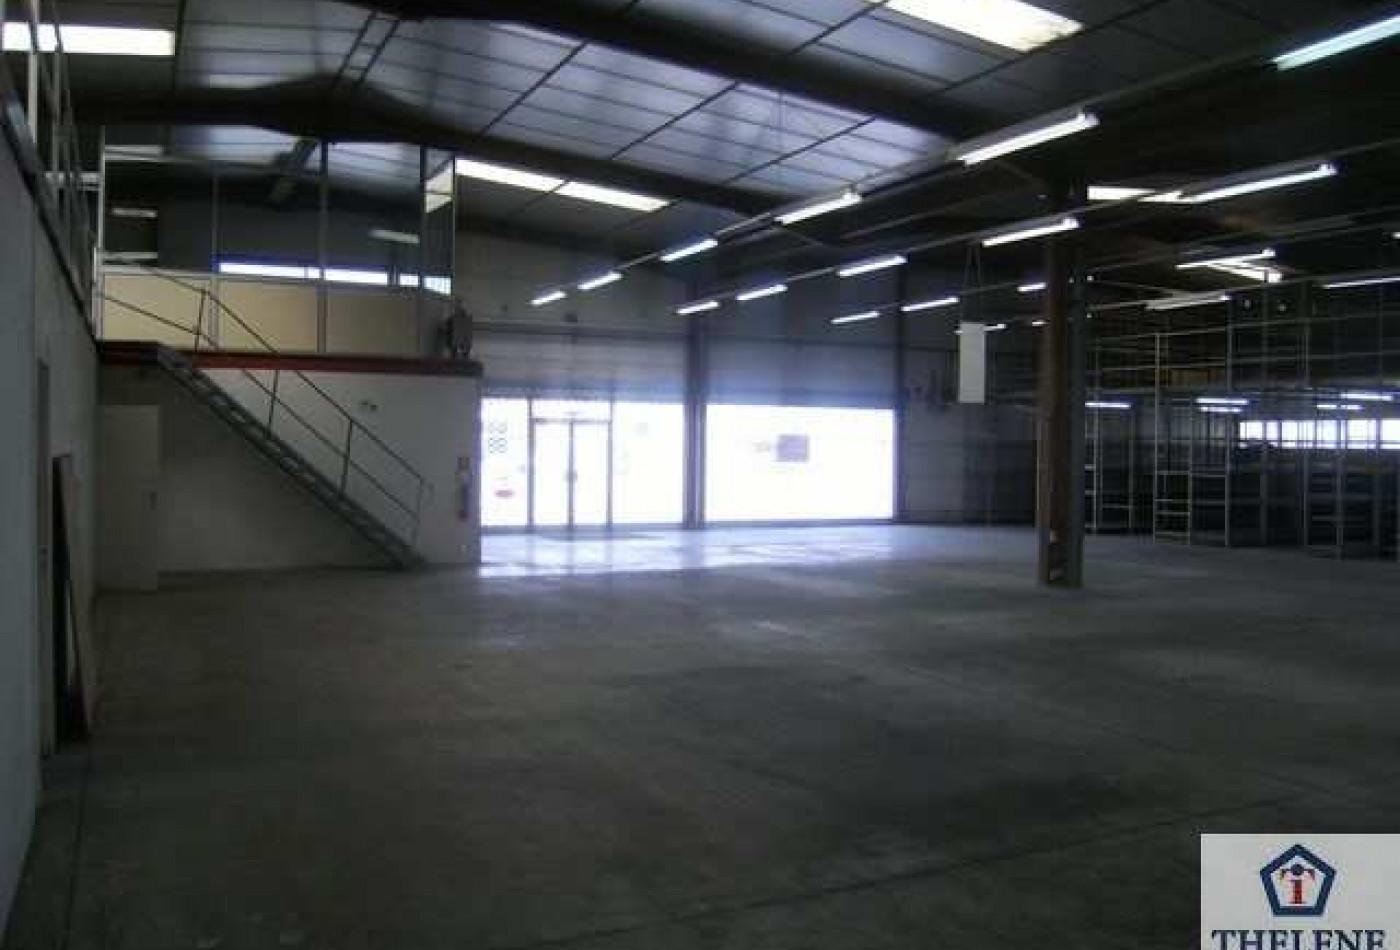 Immeuble mixte en vente montpellier thlne for Immeuble en vente